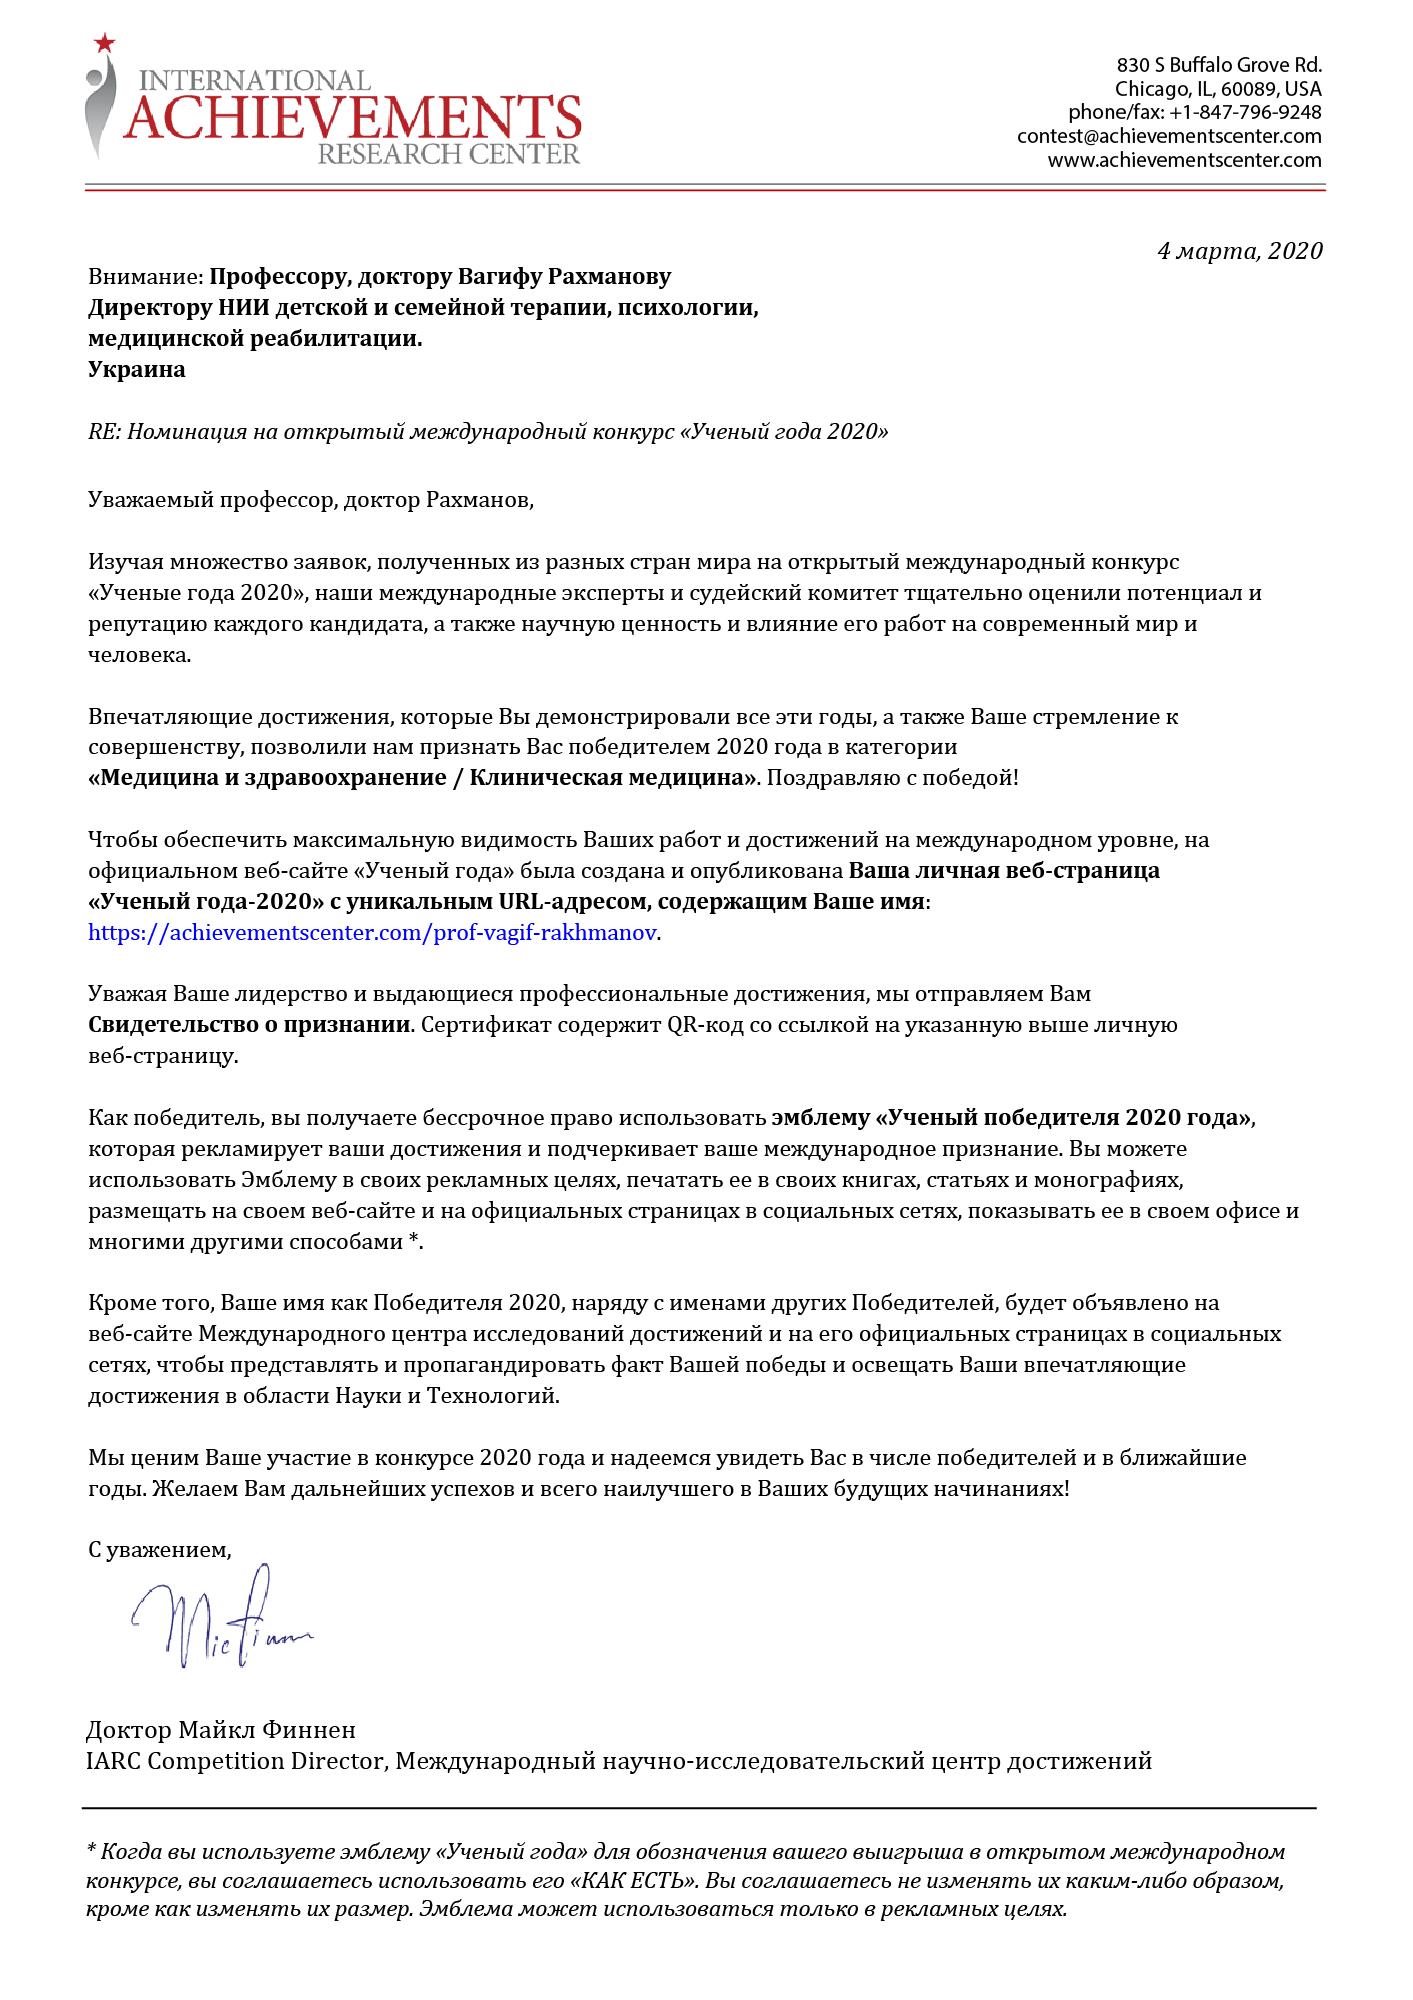 """Поздравительное письмо профессору Рахманову о присуждении звания """"Ученый 2020 года"""""""